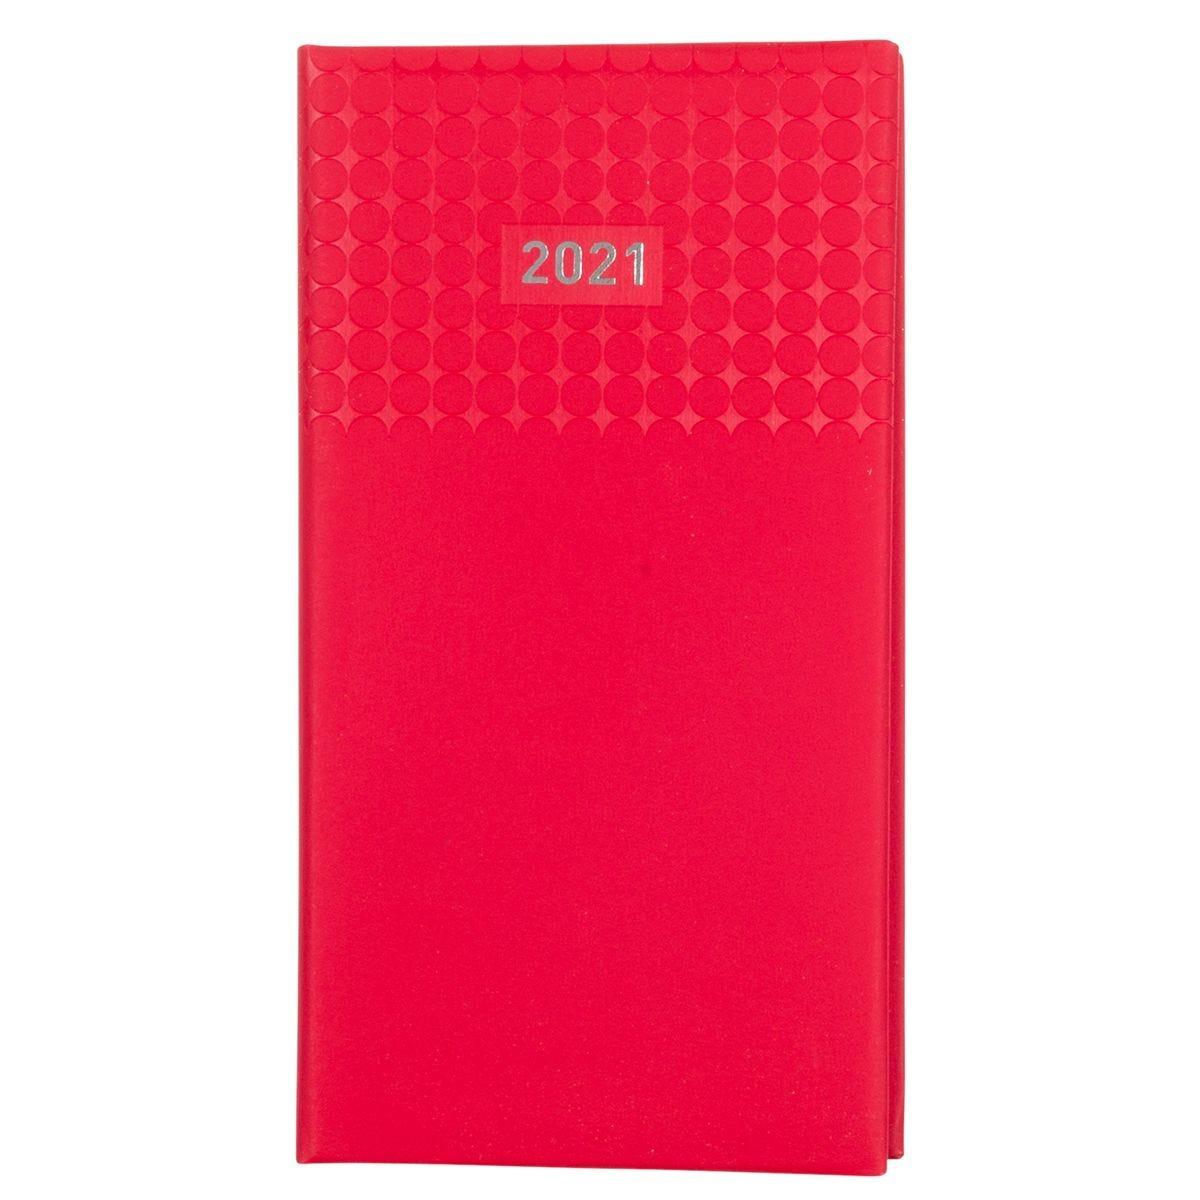 Ryman Langham Diary Week to View Slim 2021 - Red